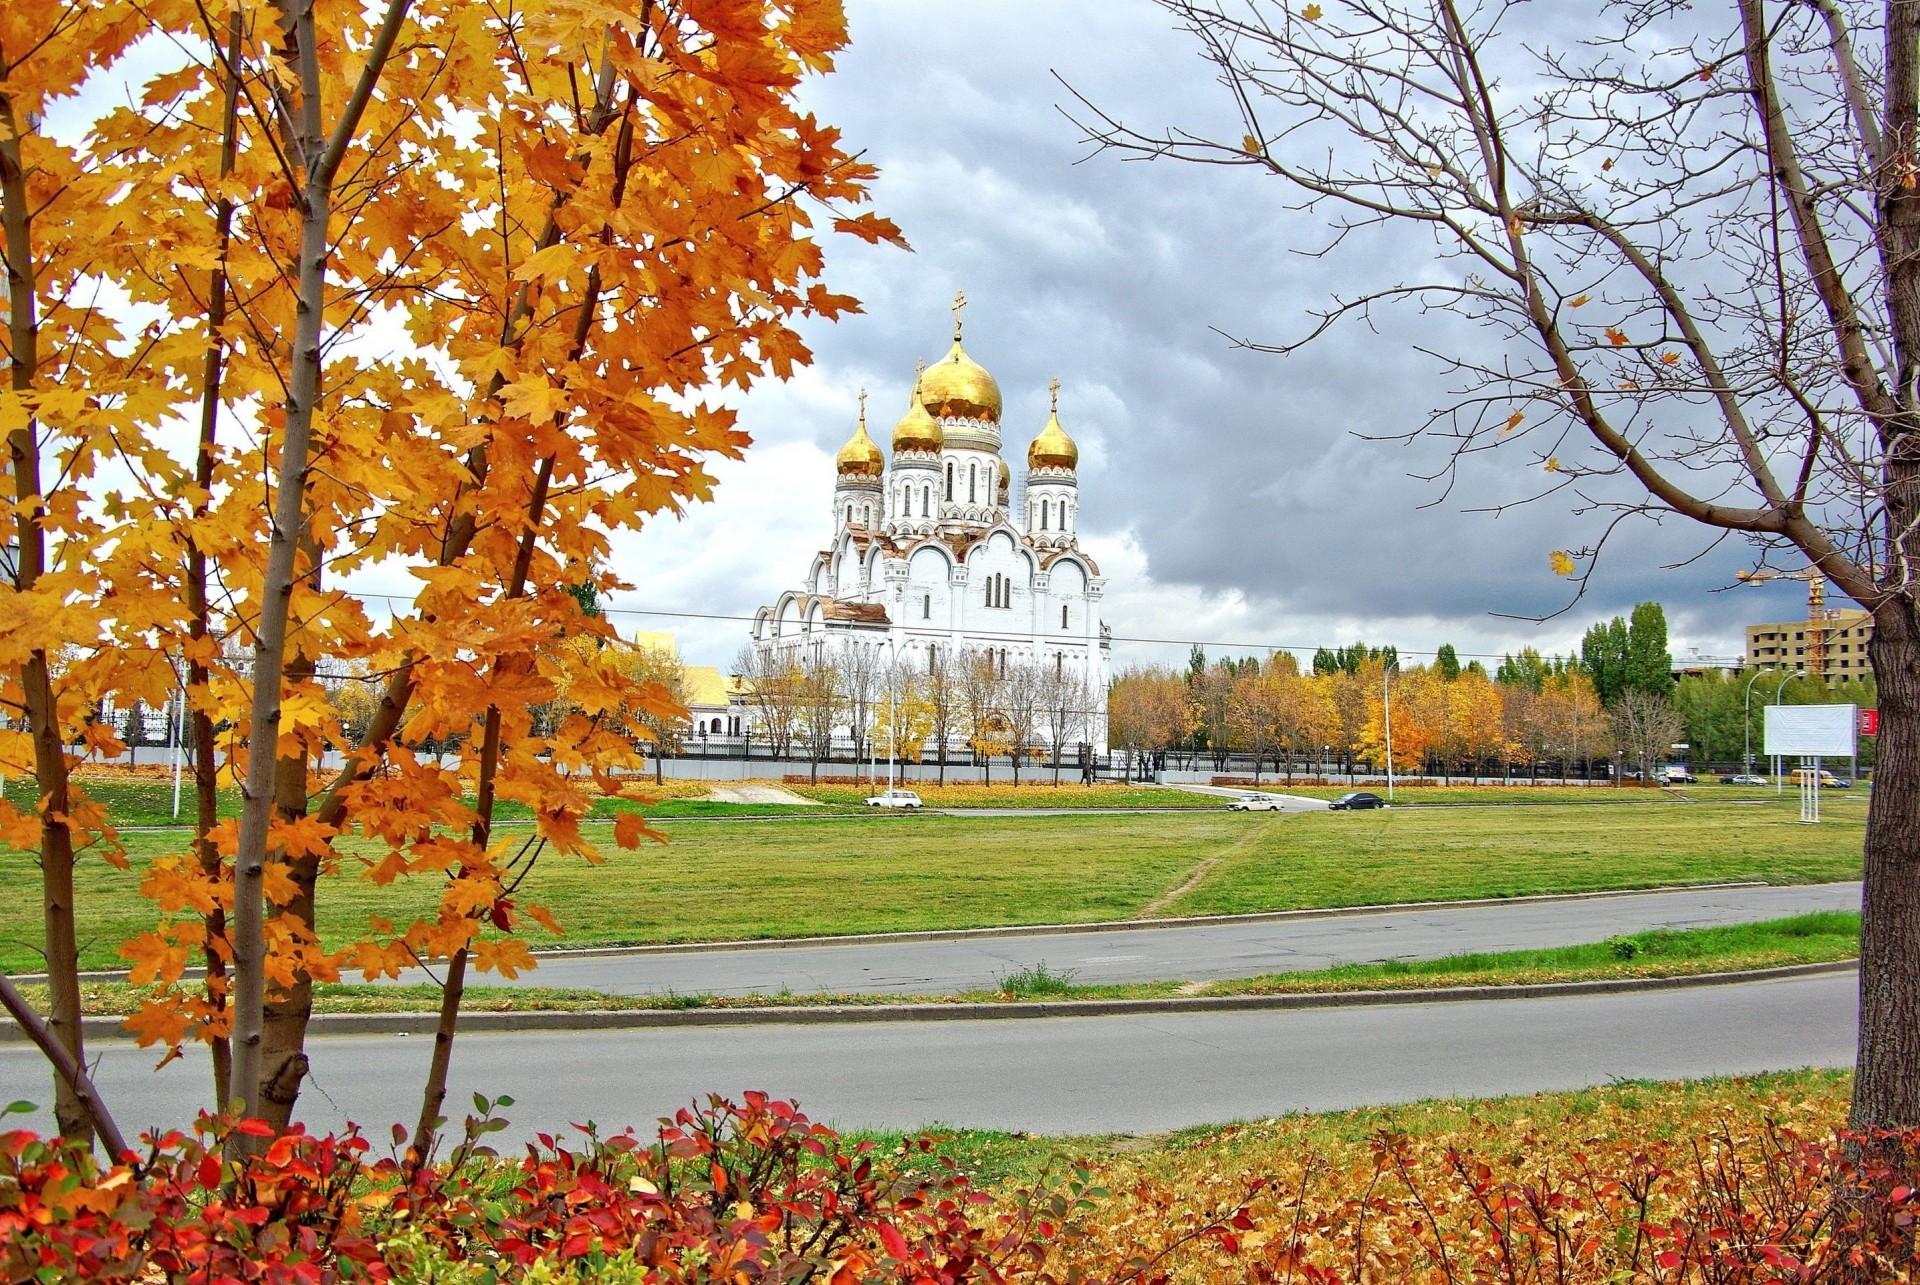 осень в россии обои для рабочего стола № 1122511 загрузить